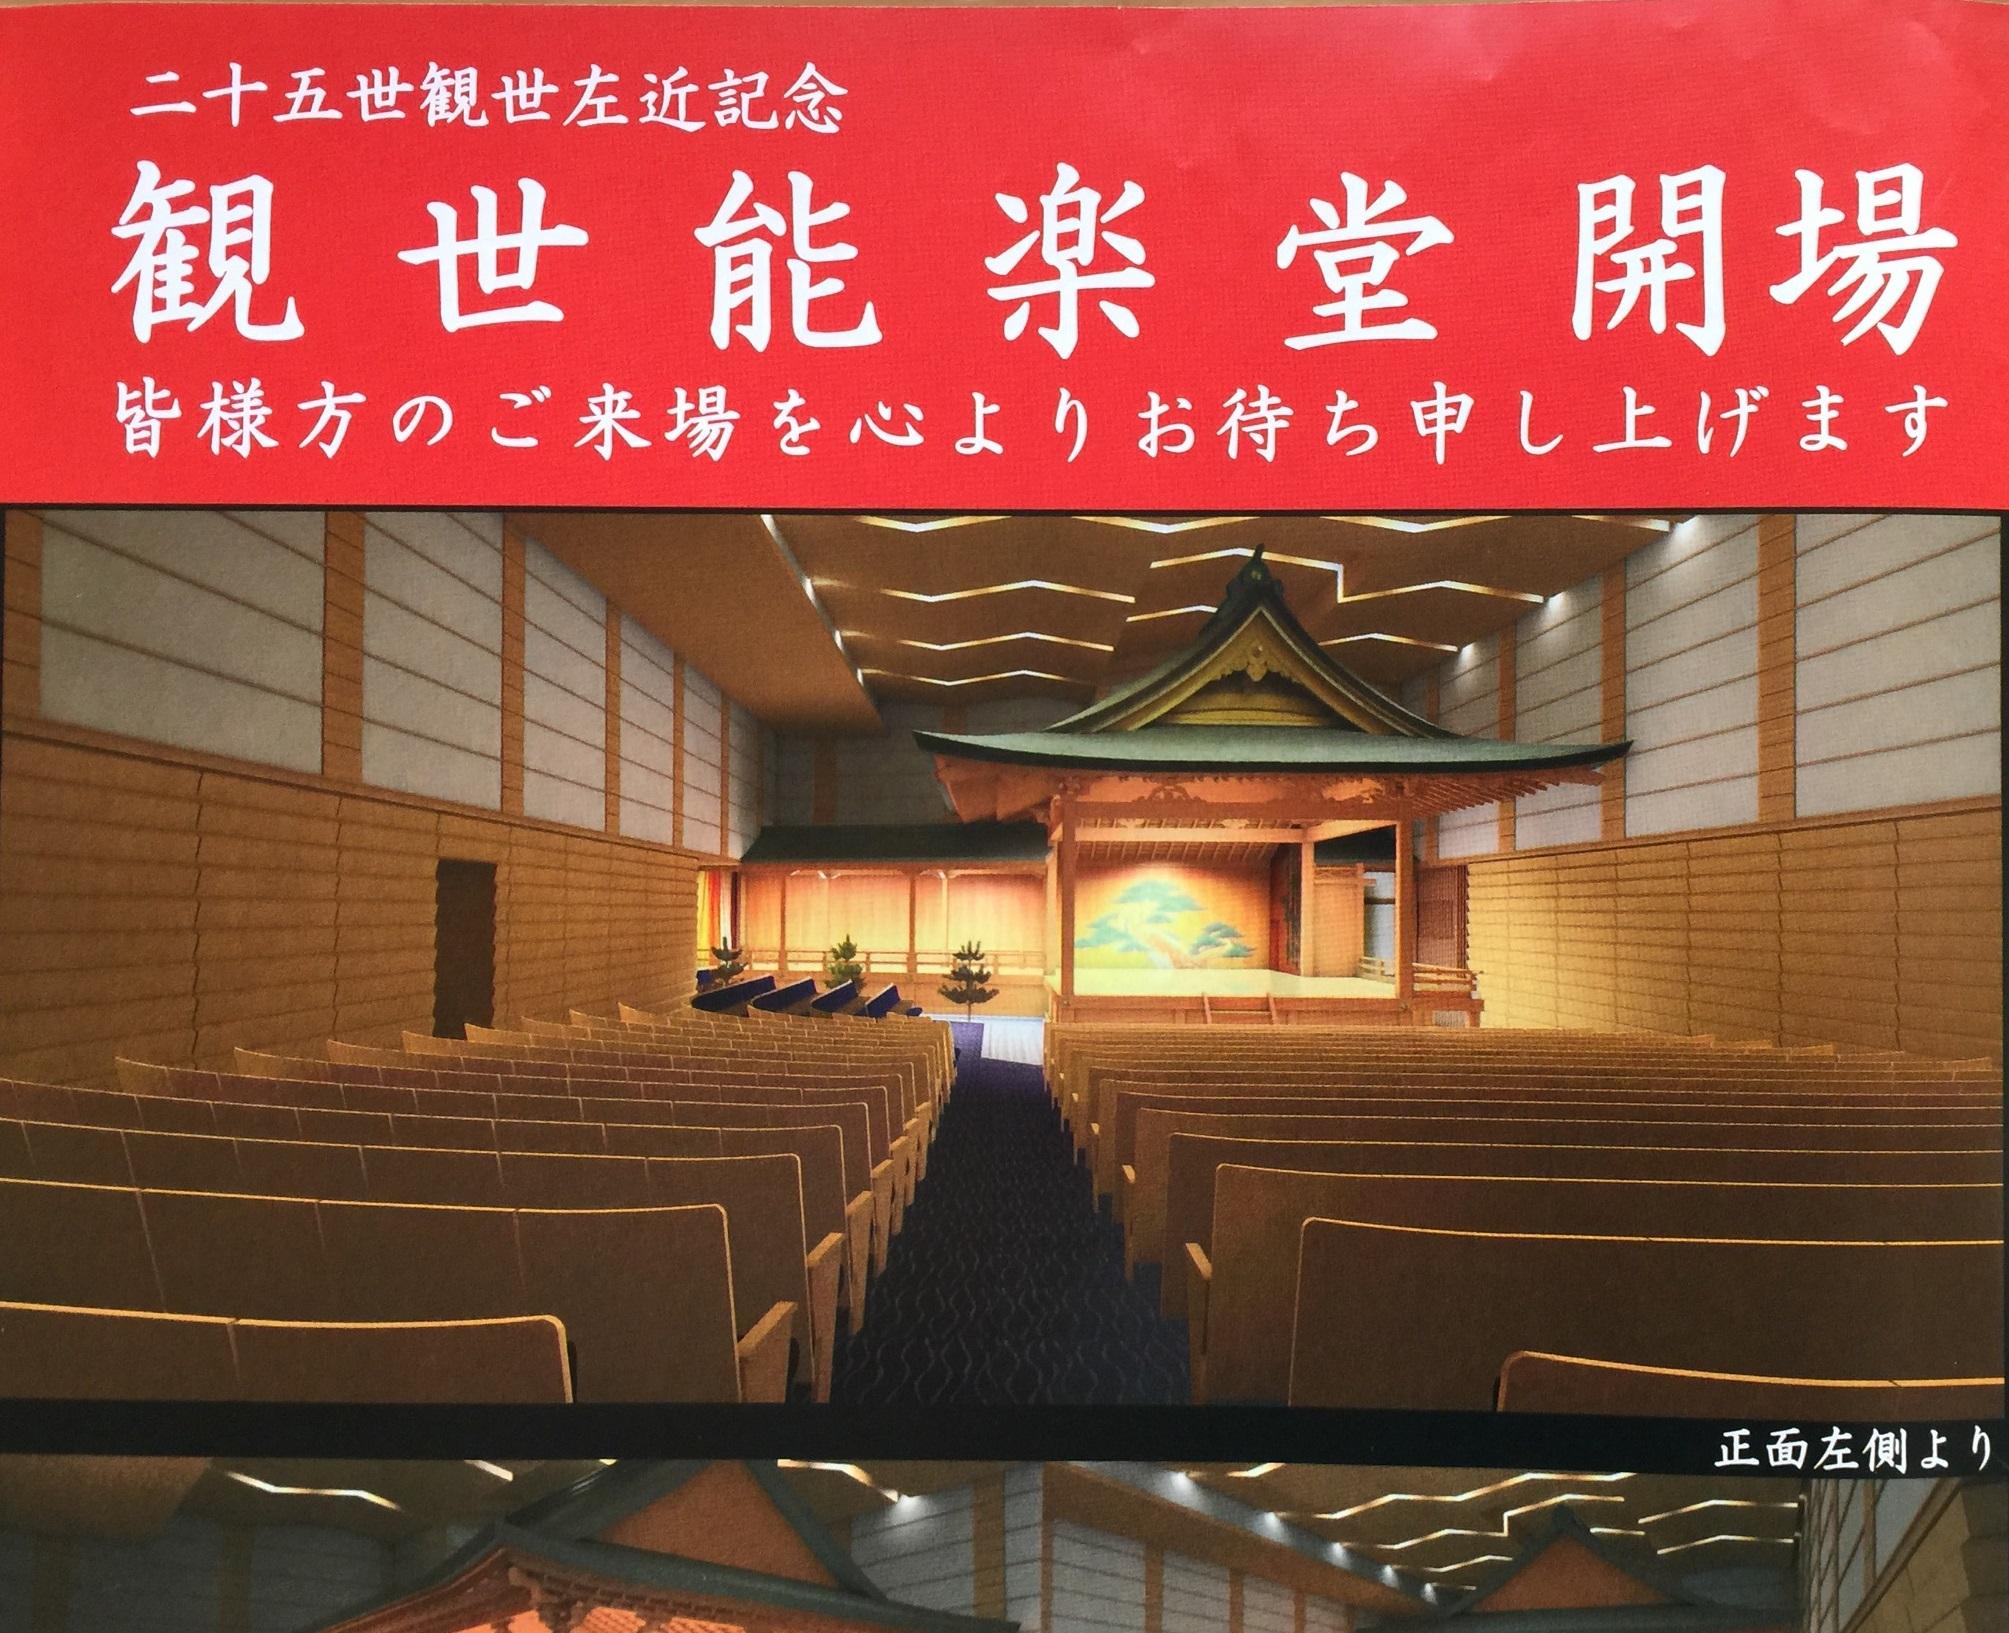 20170423観世能楽堂開場記念「高砂」